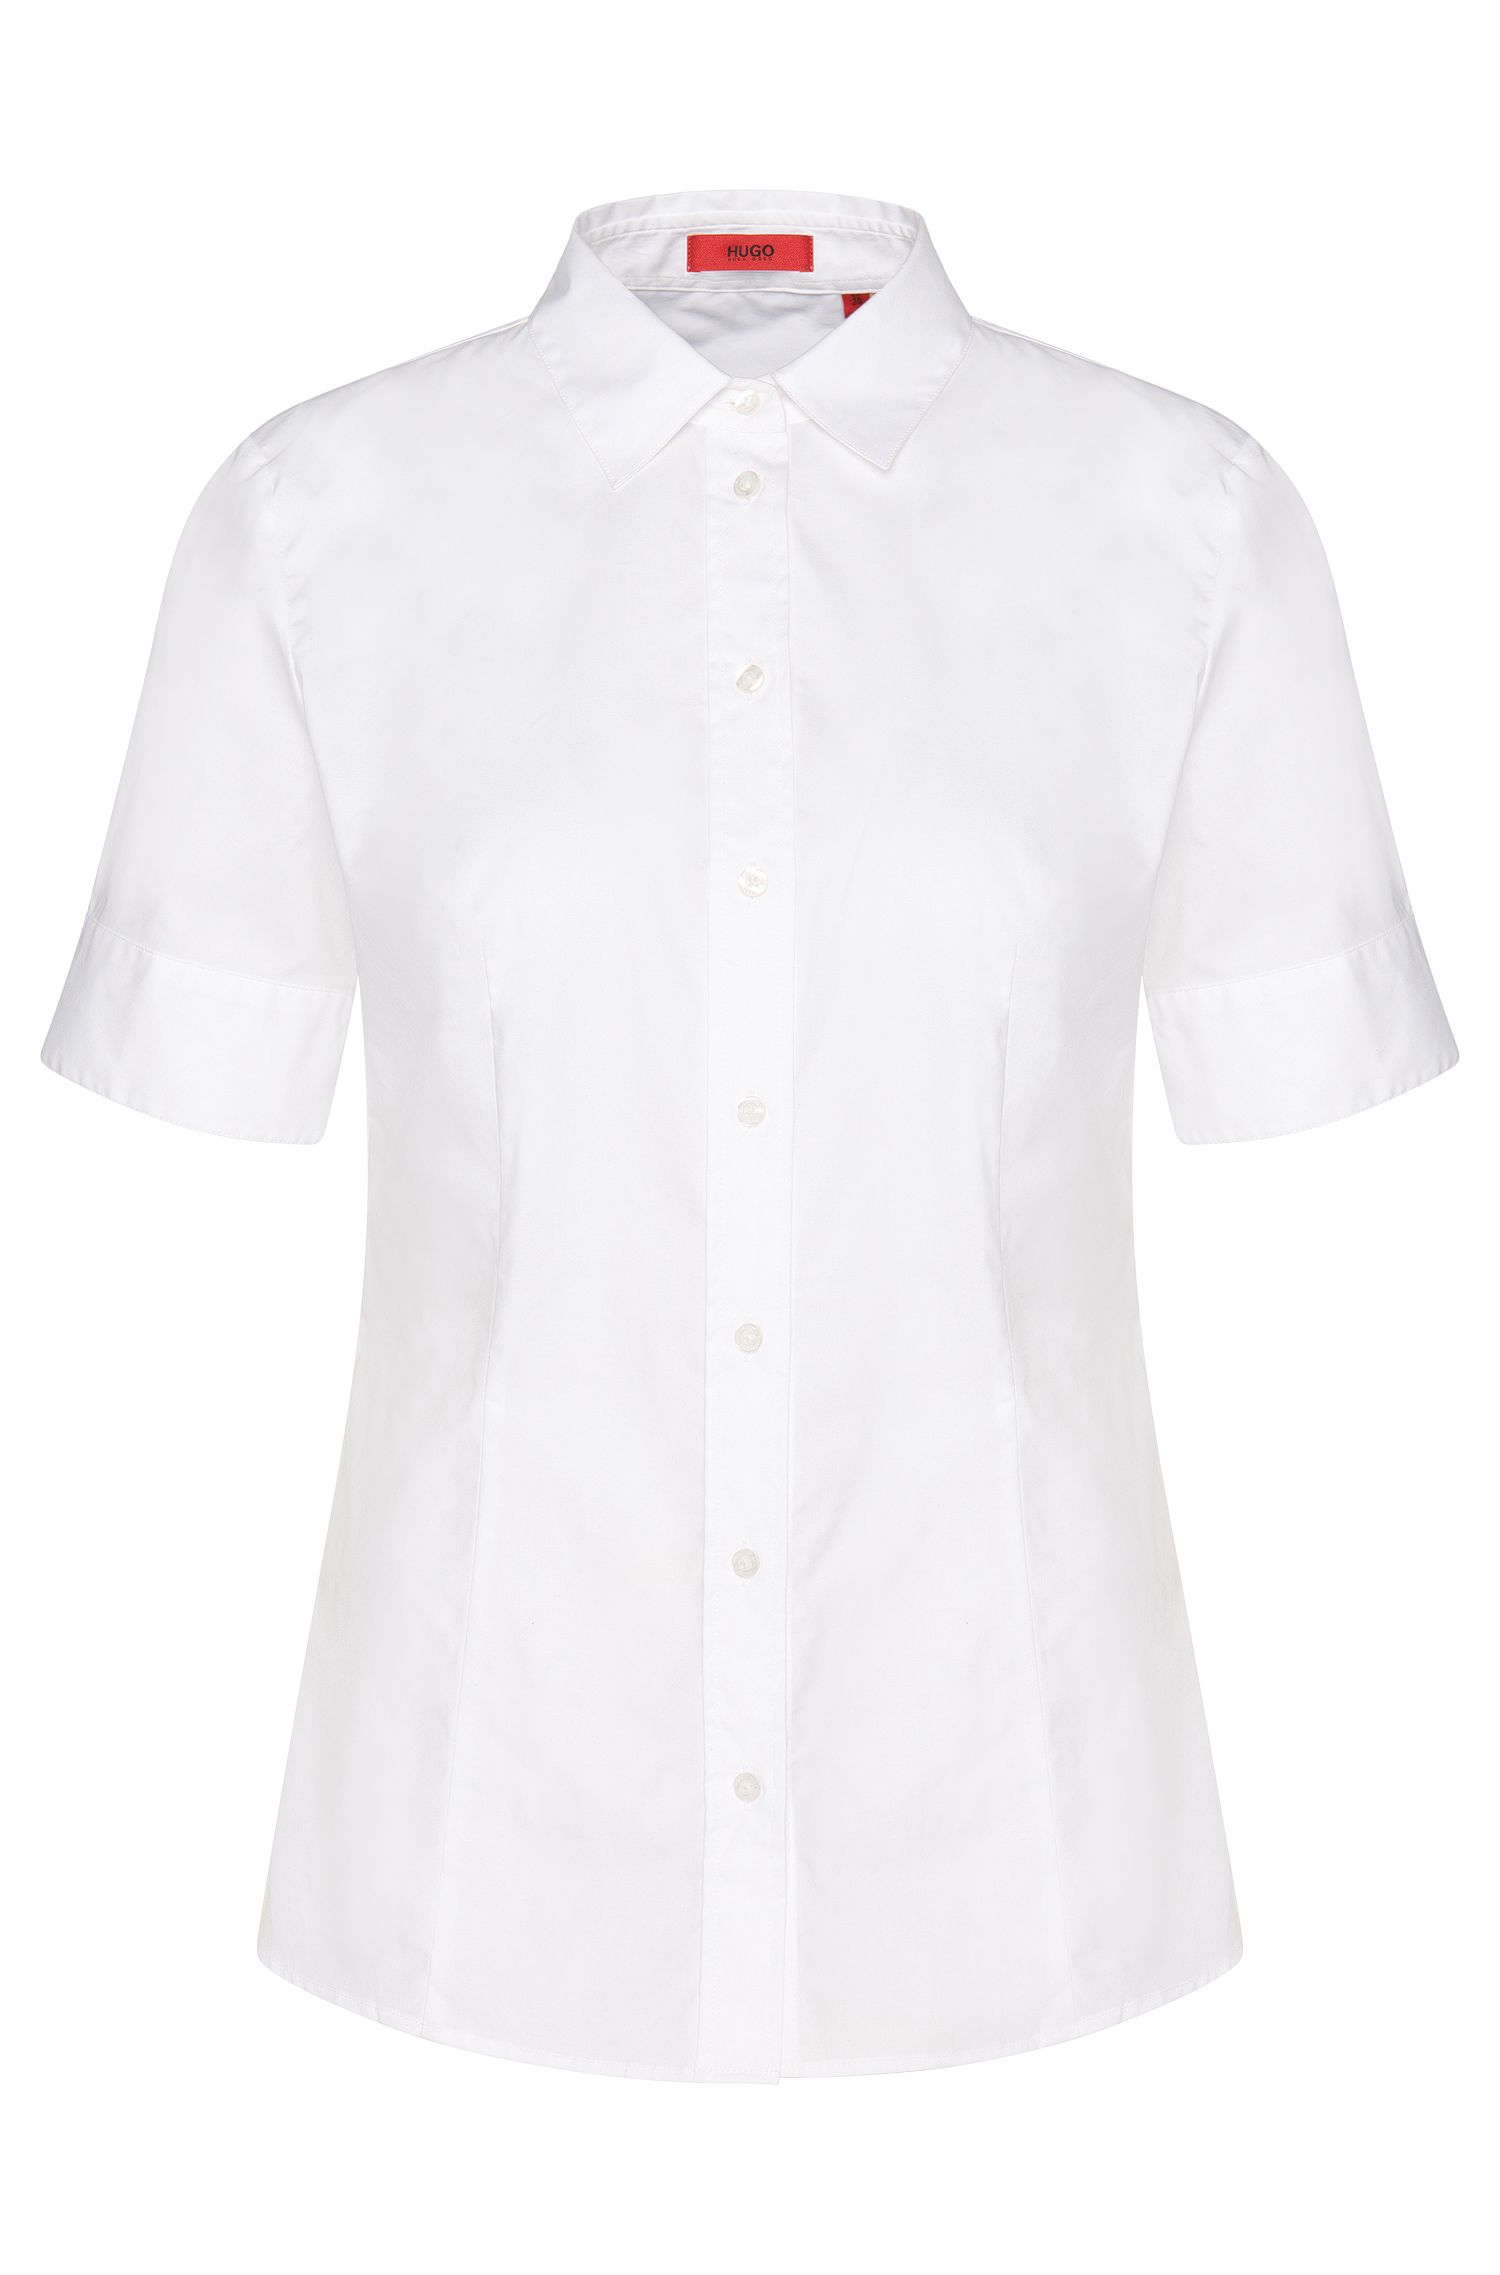 Camicia avvitata, con maniche corte, in cotone elasticizzato: 'Eshine'